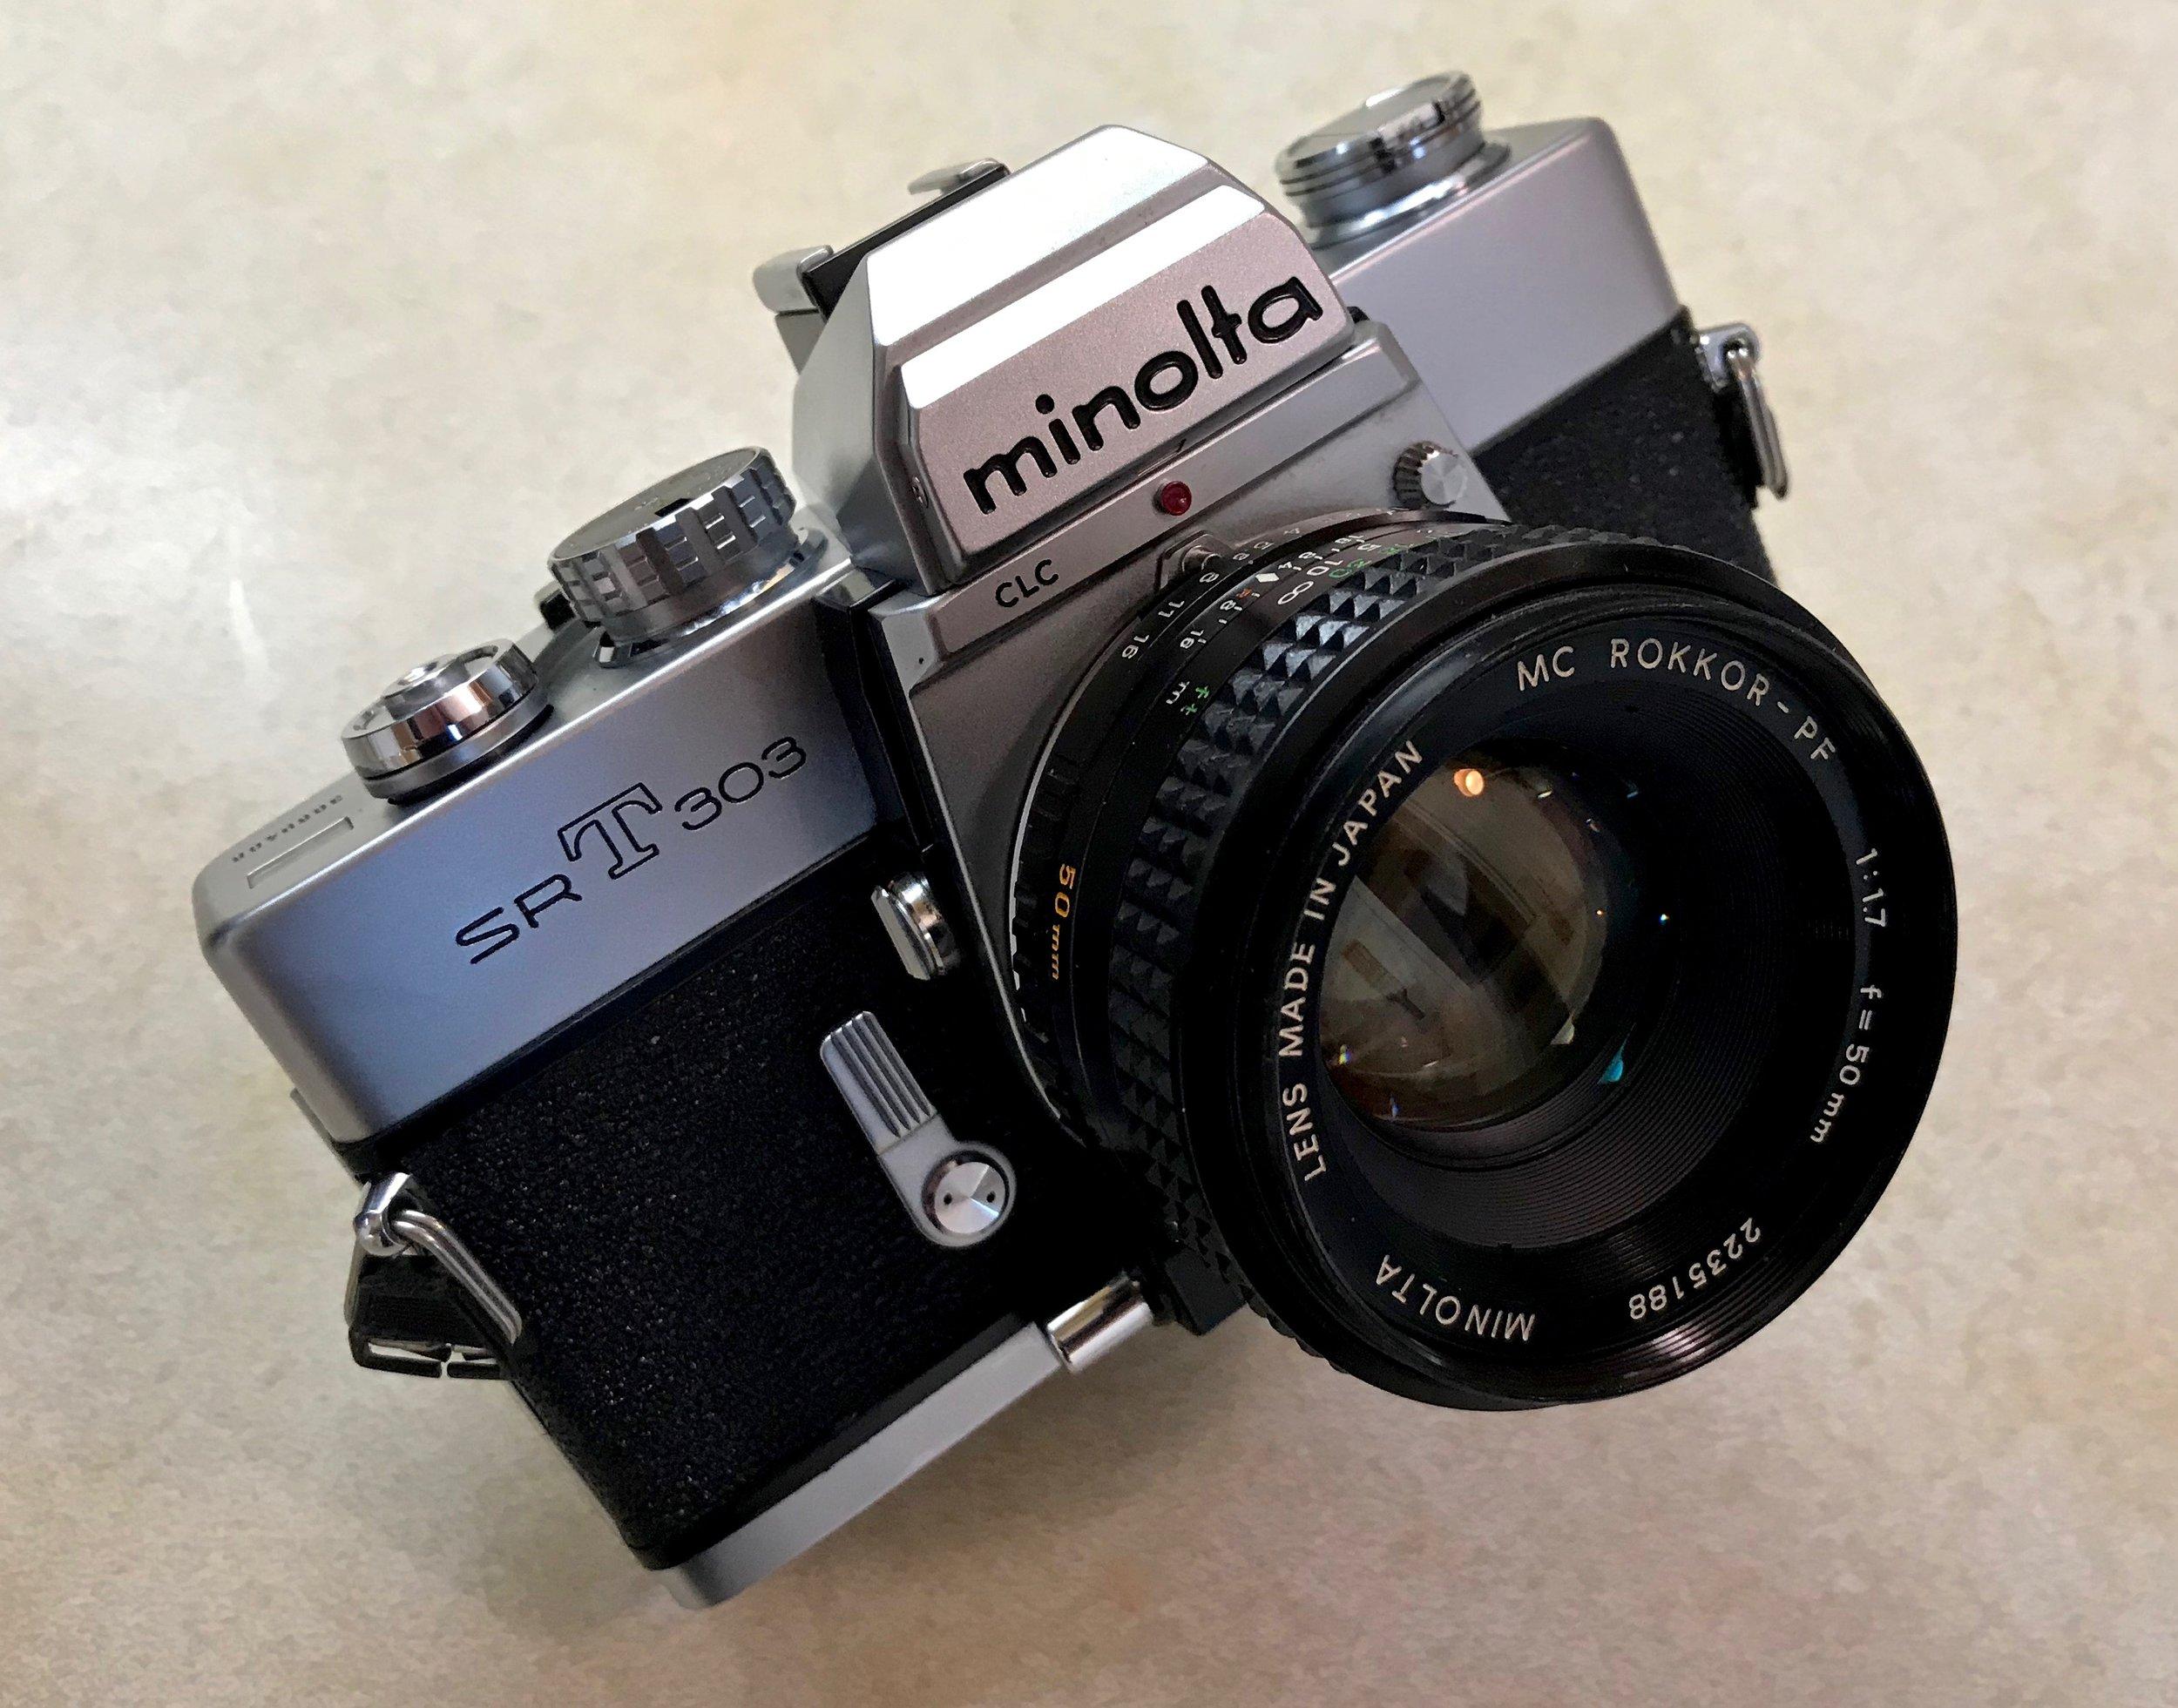 My Minolta SRT303